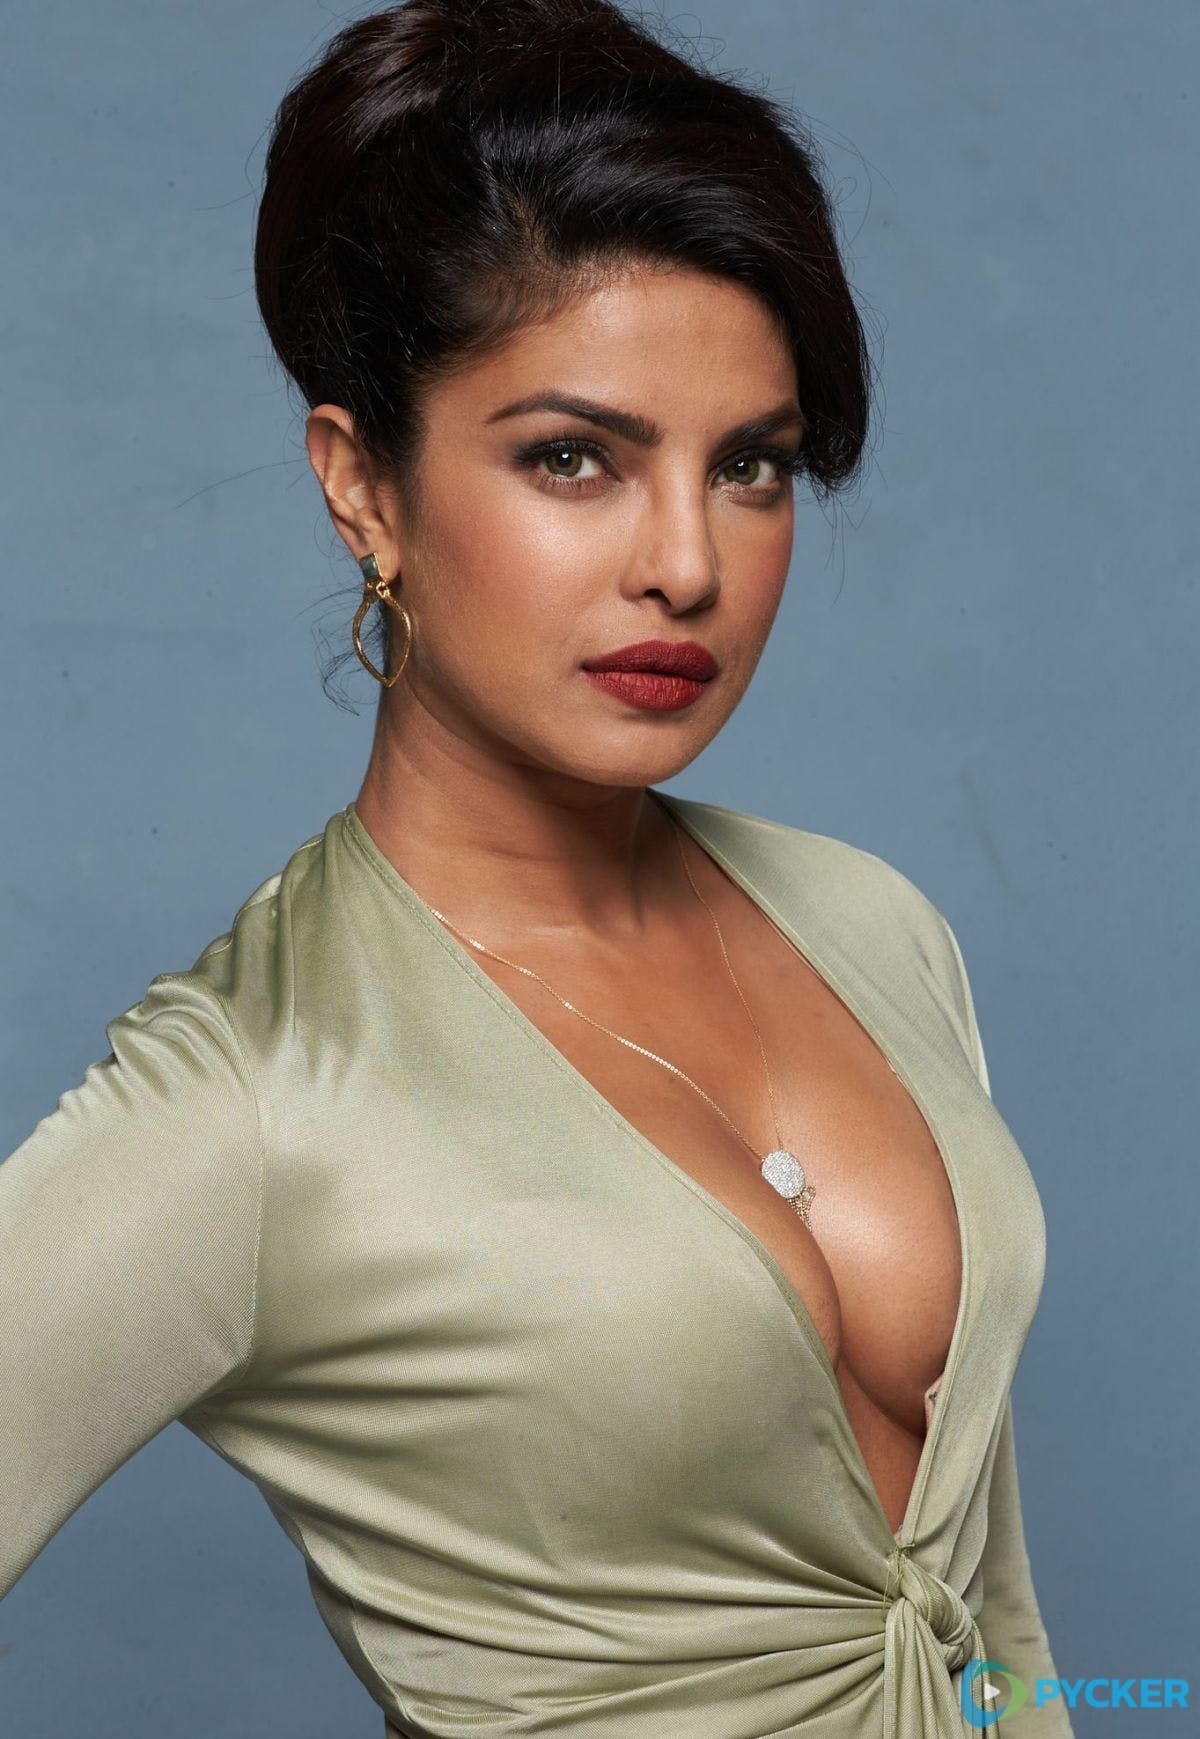 Priyanka Chopra hotको लागि तस्बिर परिणाम